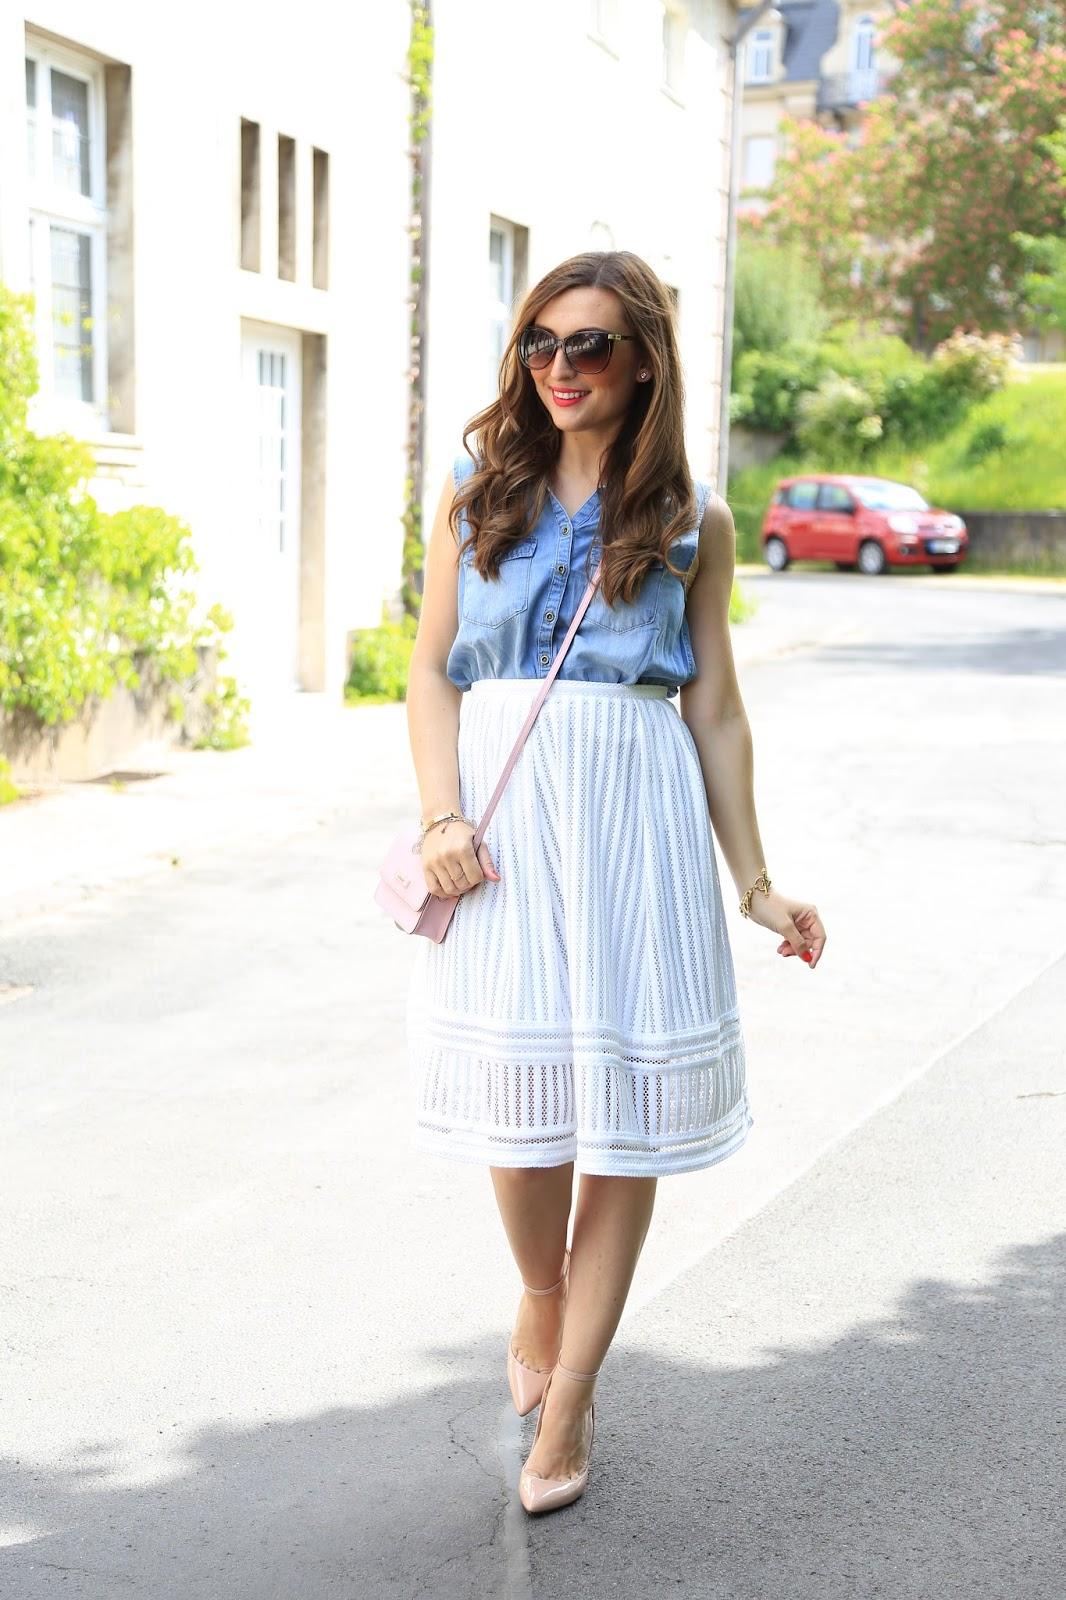 Fashionstylebyjohanna im weißen Rock - Weißer Rock und Jeans Hemd